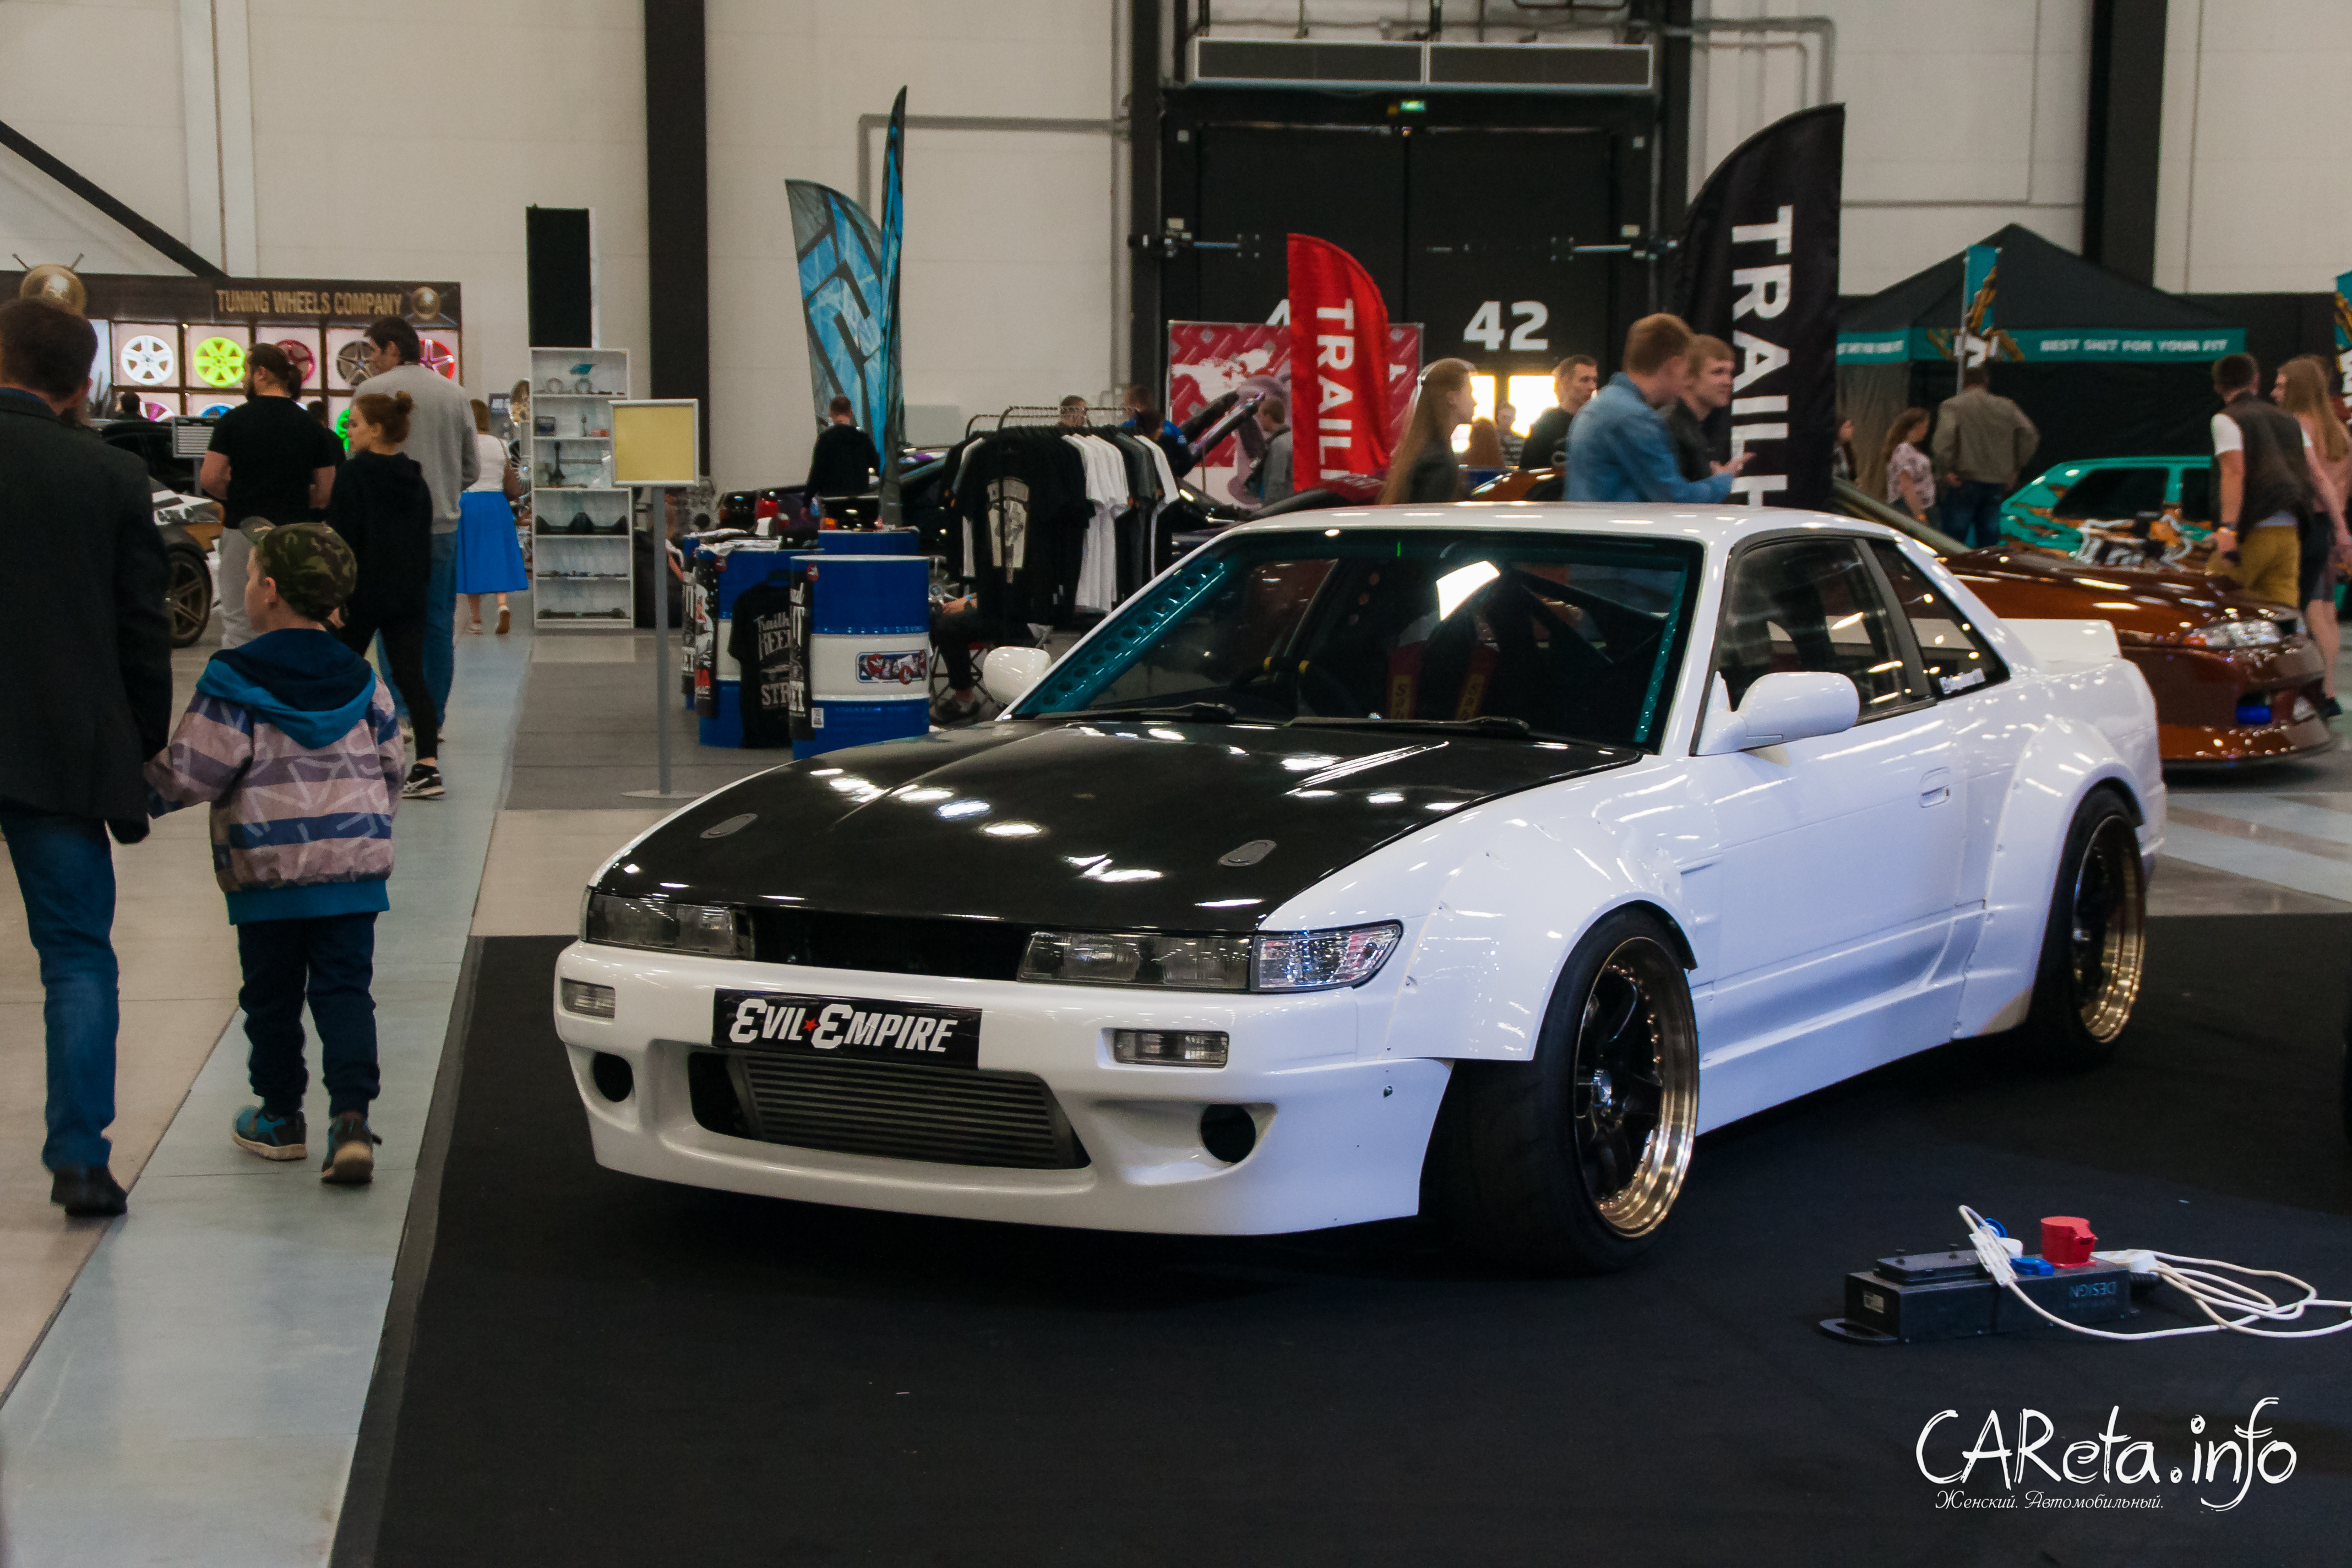 Royal Auto Show 2018: те же и Flanker F